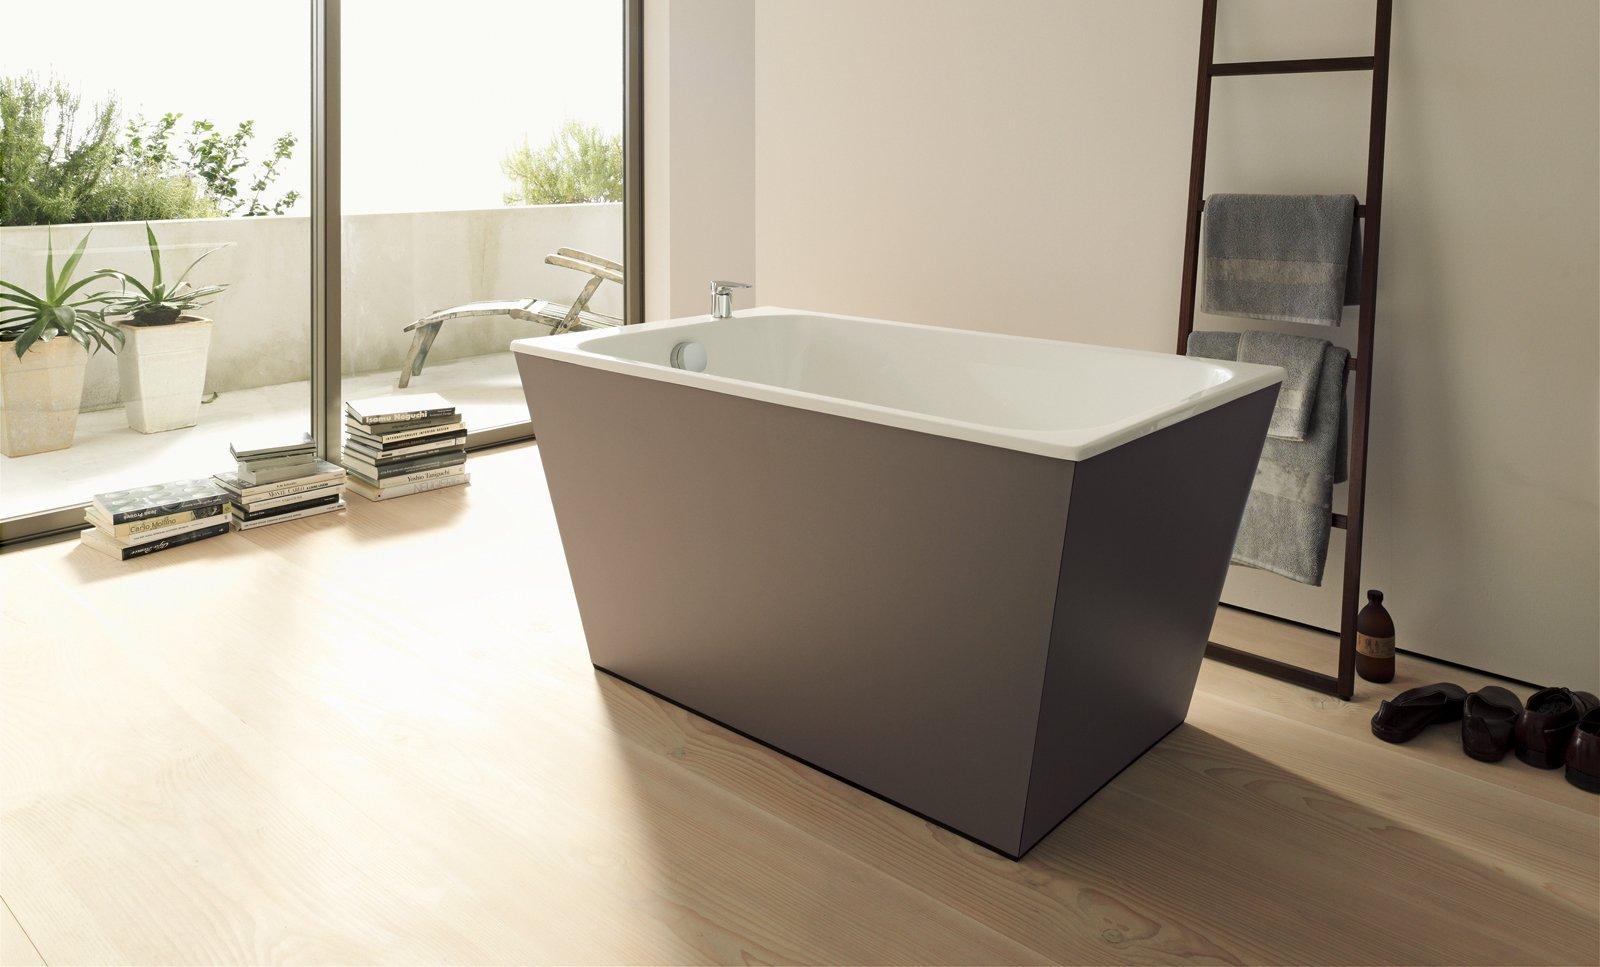 Vasca Da Bagno Piccola In Ceramica : Vasche da bagno piccole cose di casa